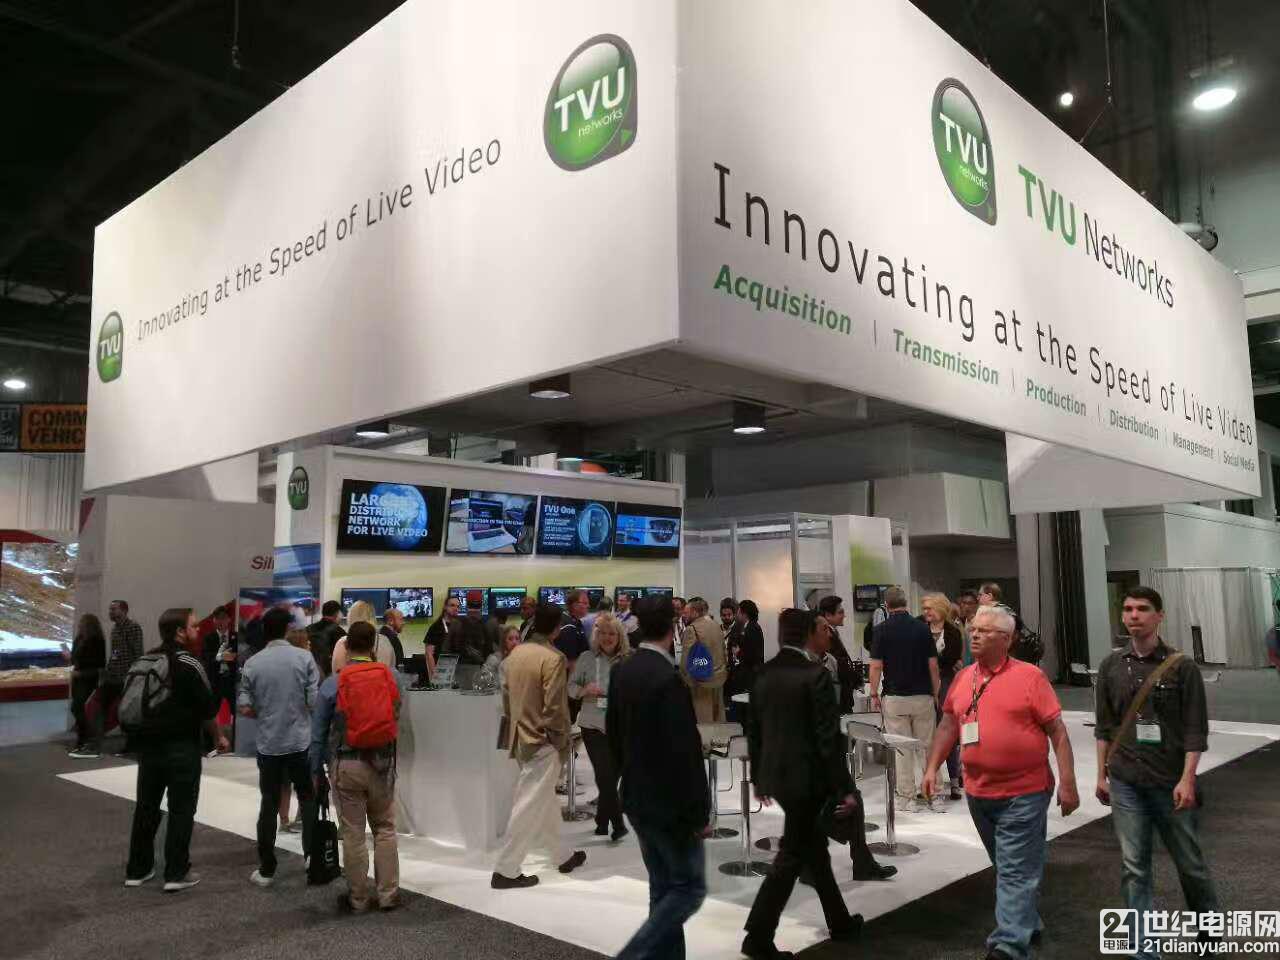 TVU Networks 端到端IP视频生态系统惊艳 2017全美广播电视展